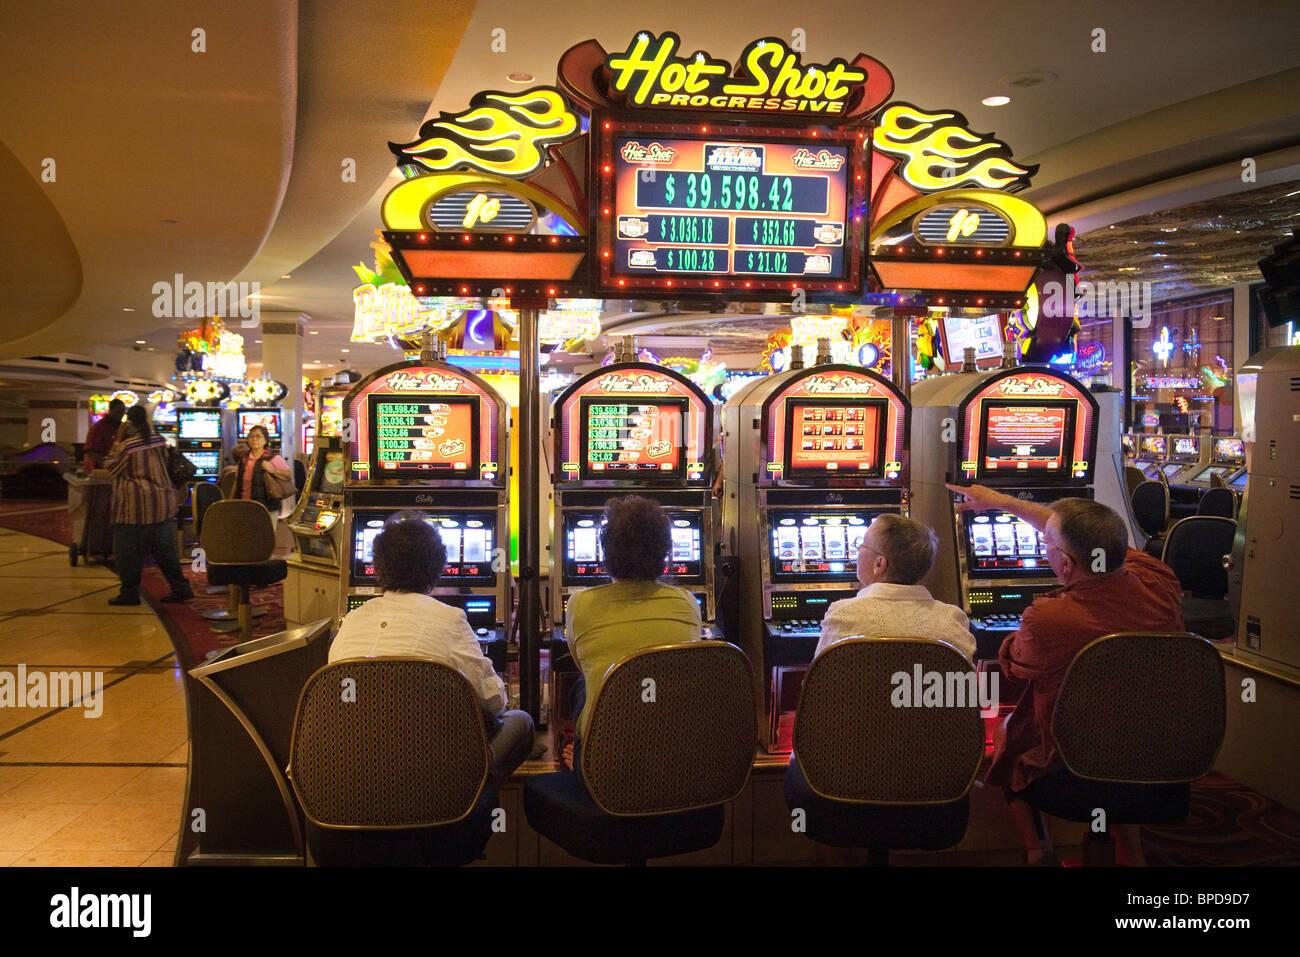 Фото Игровых Автоматов В Казино Лас Вегаса